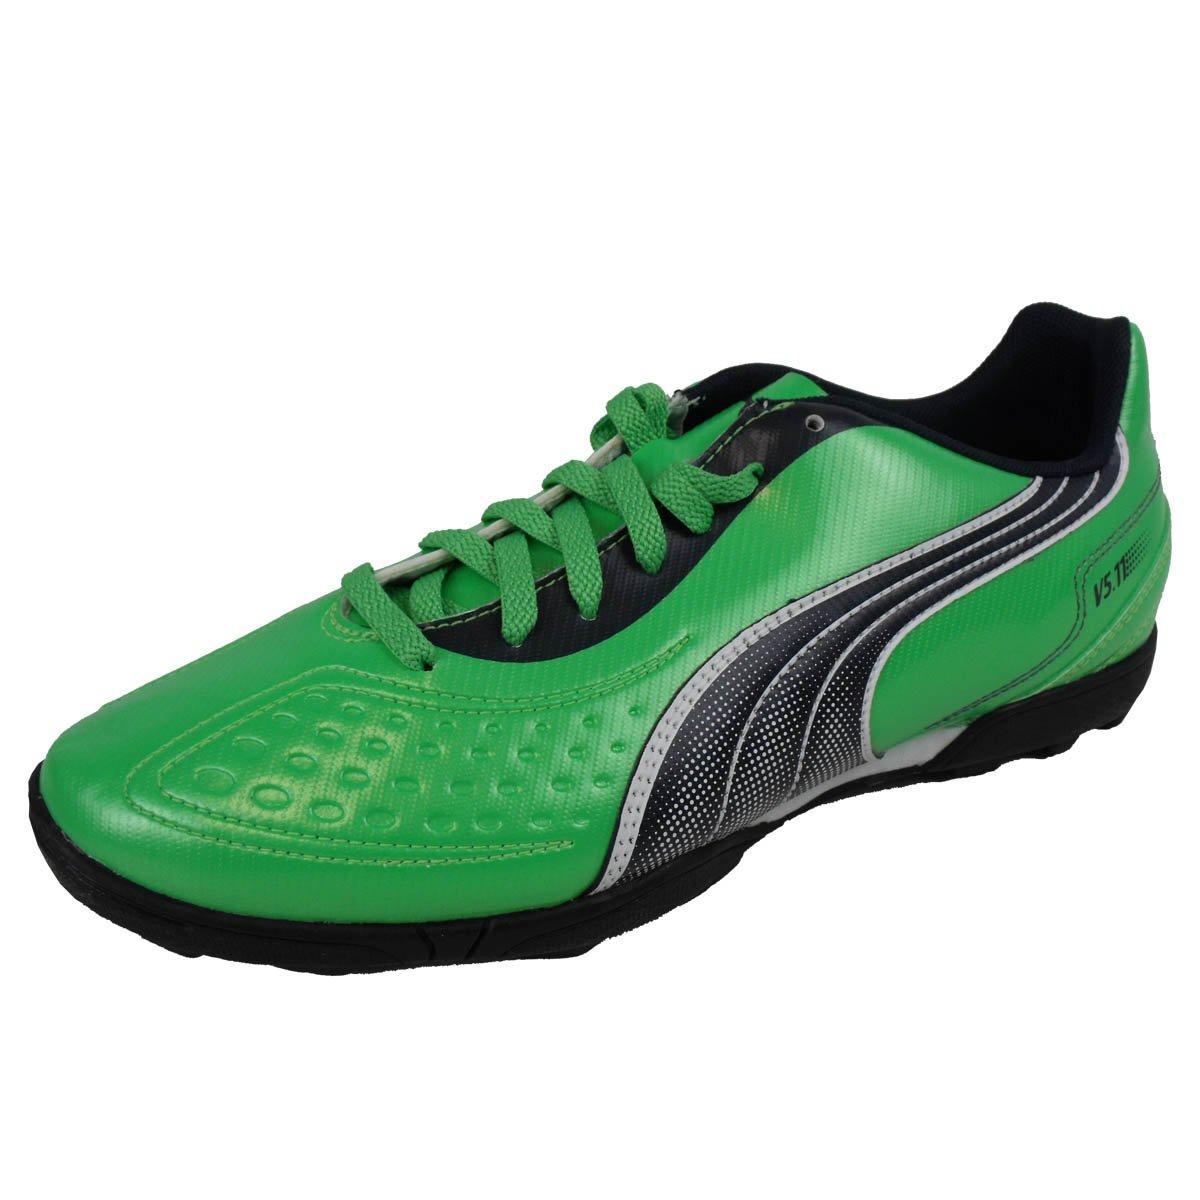 Scarpe scarpini da calcio Puma Astro Turf TT, Astros, taglia